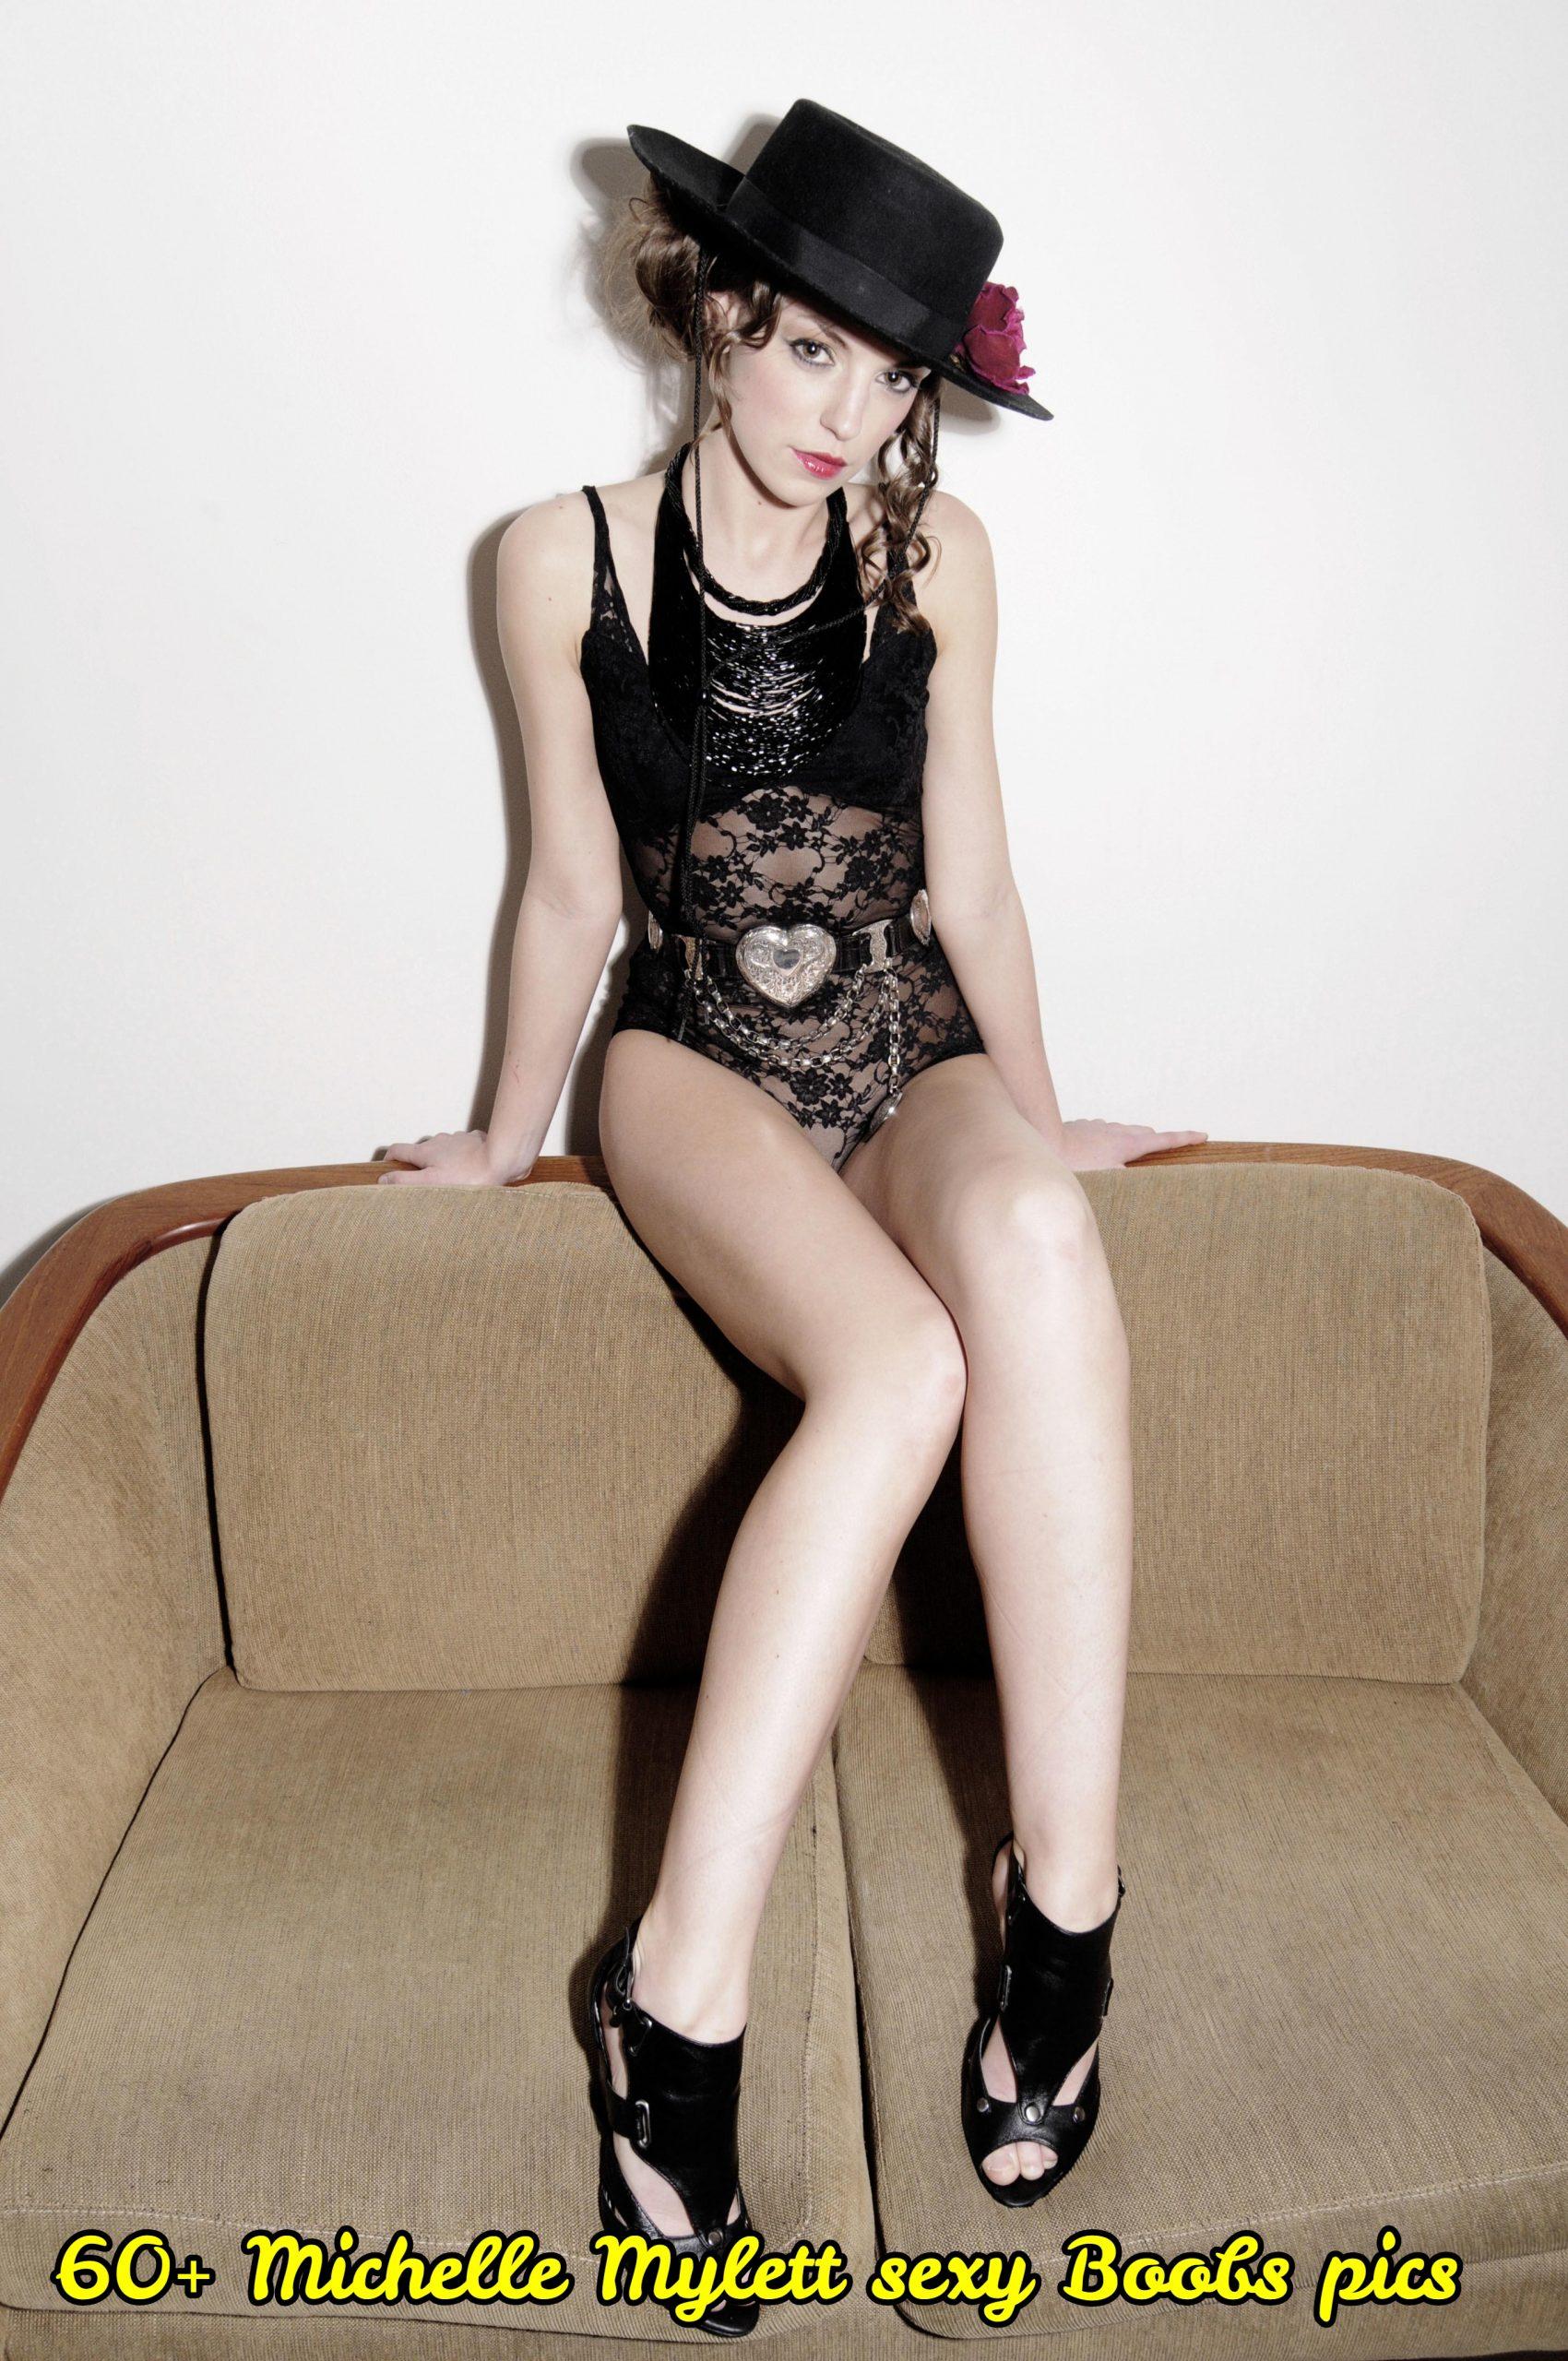 Michelle Mylett sexy pictures